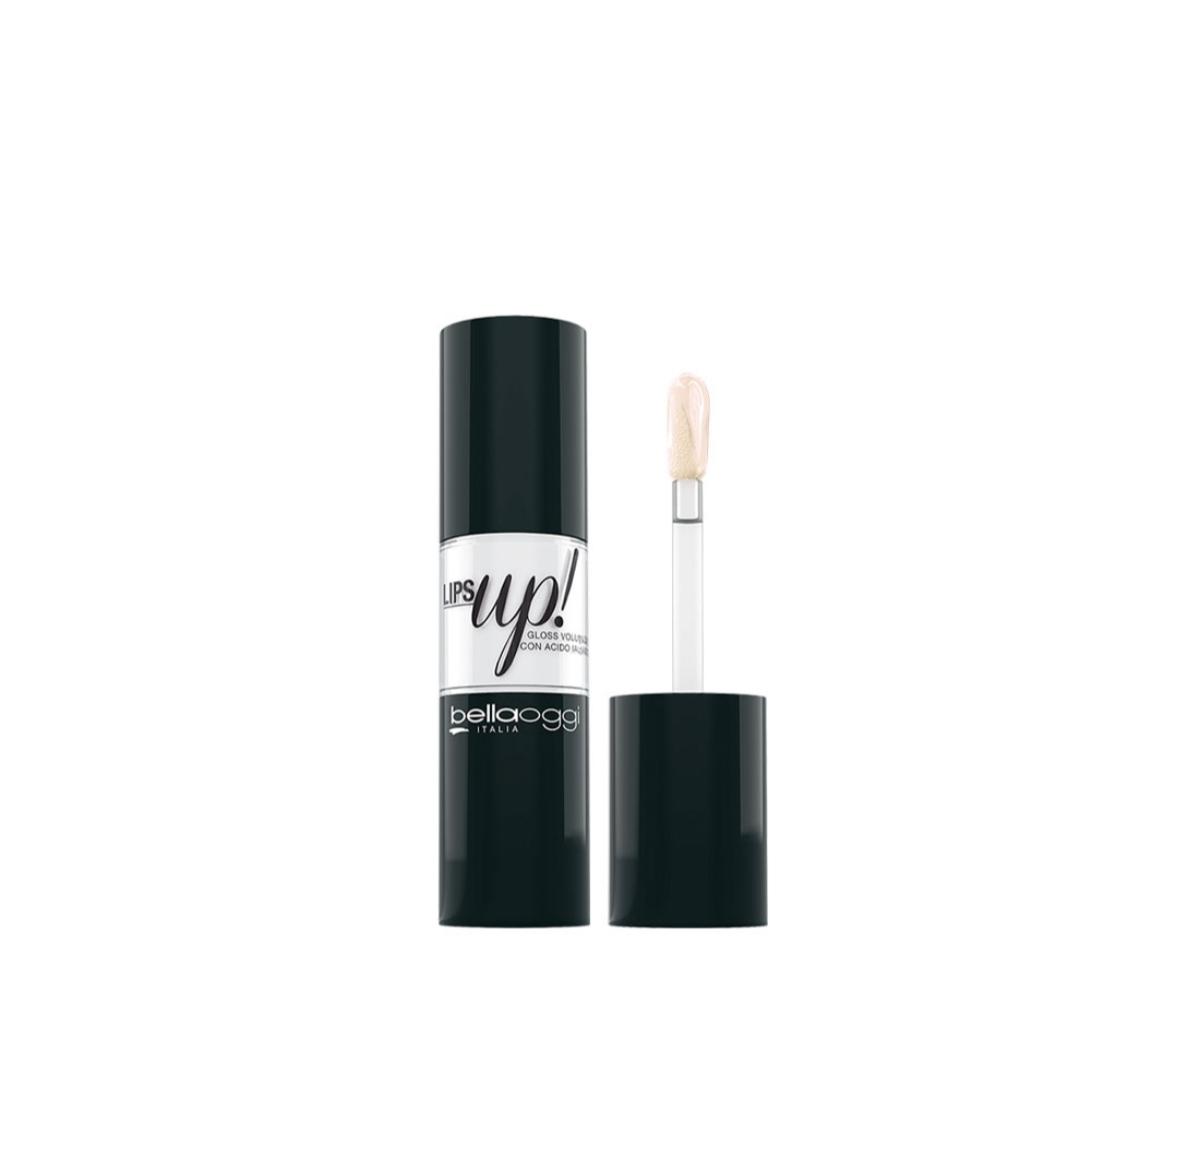 Gloss Lips Up! BellaOggi